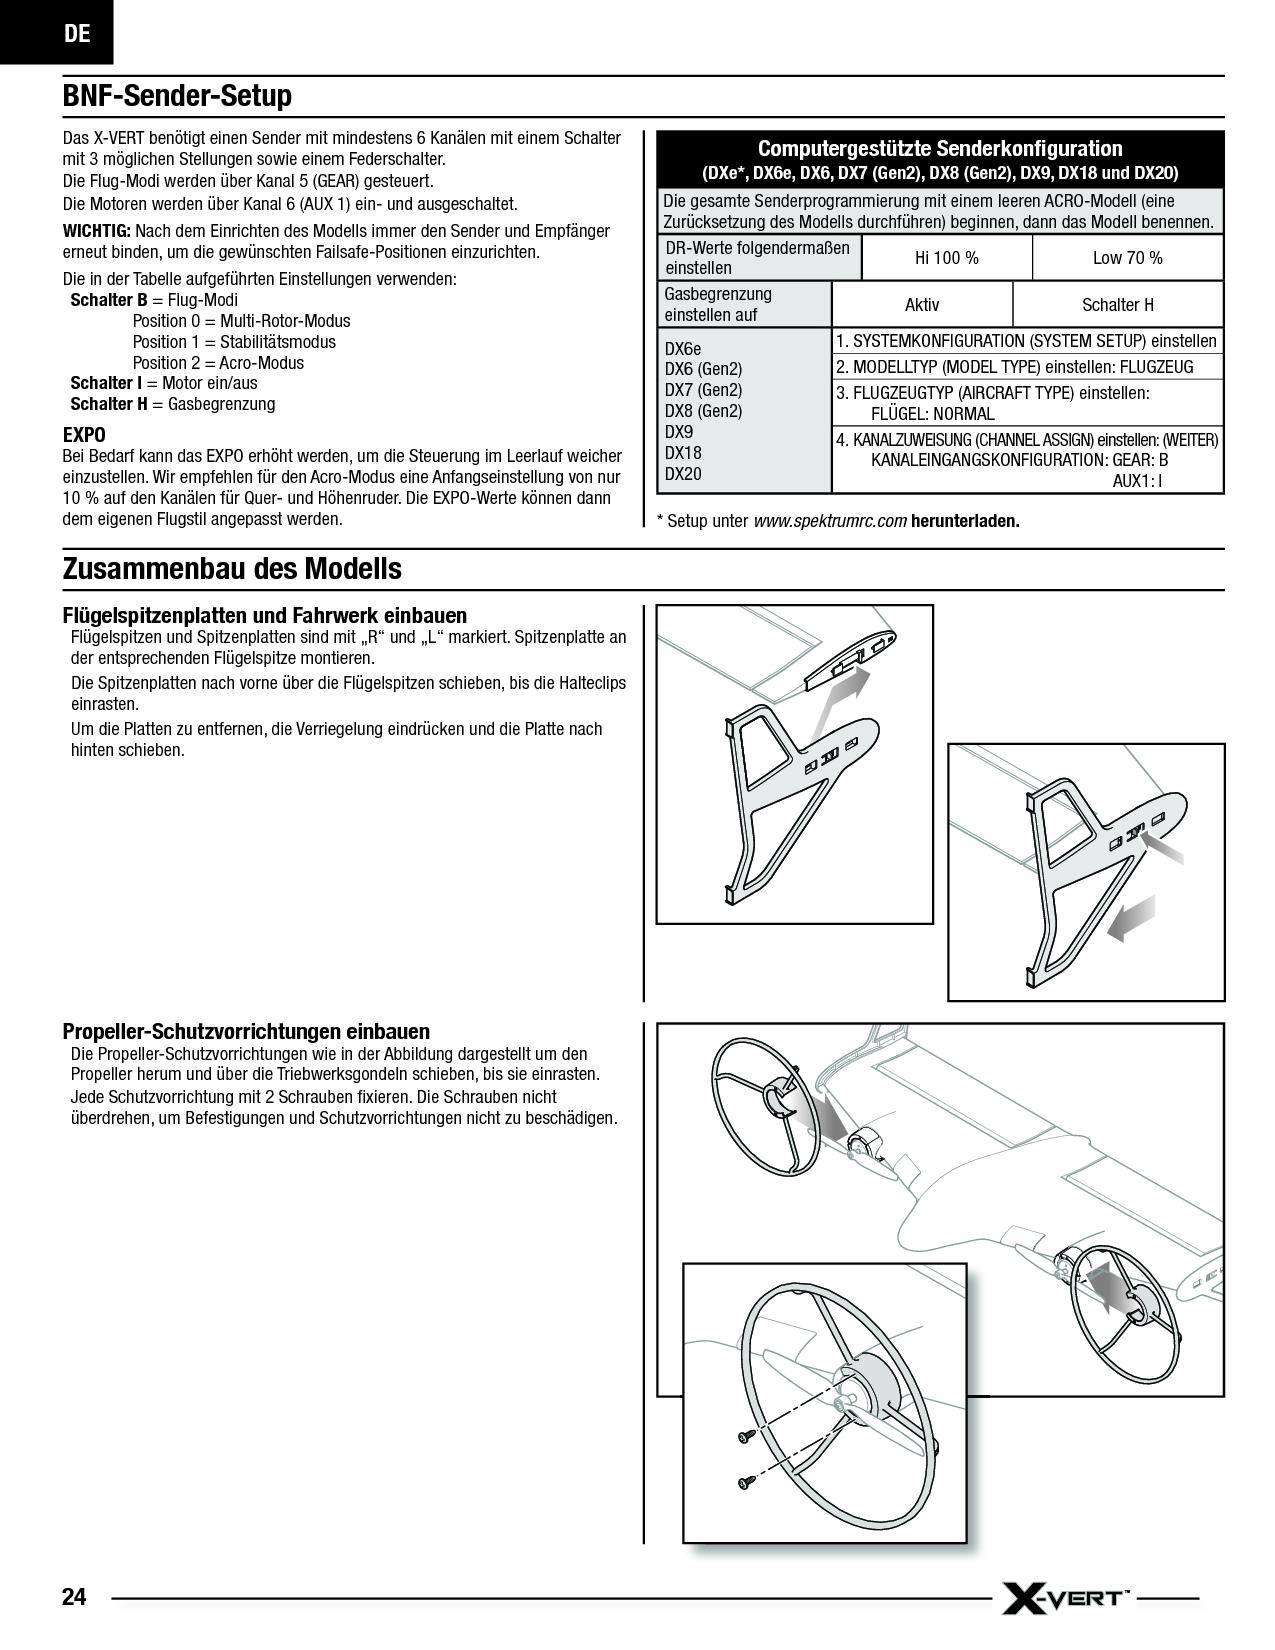 download x-vert user manual